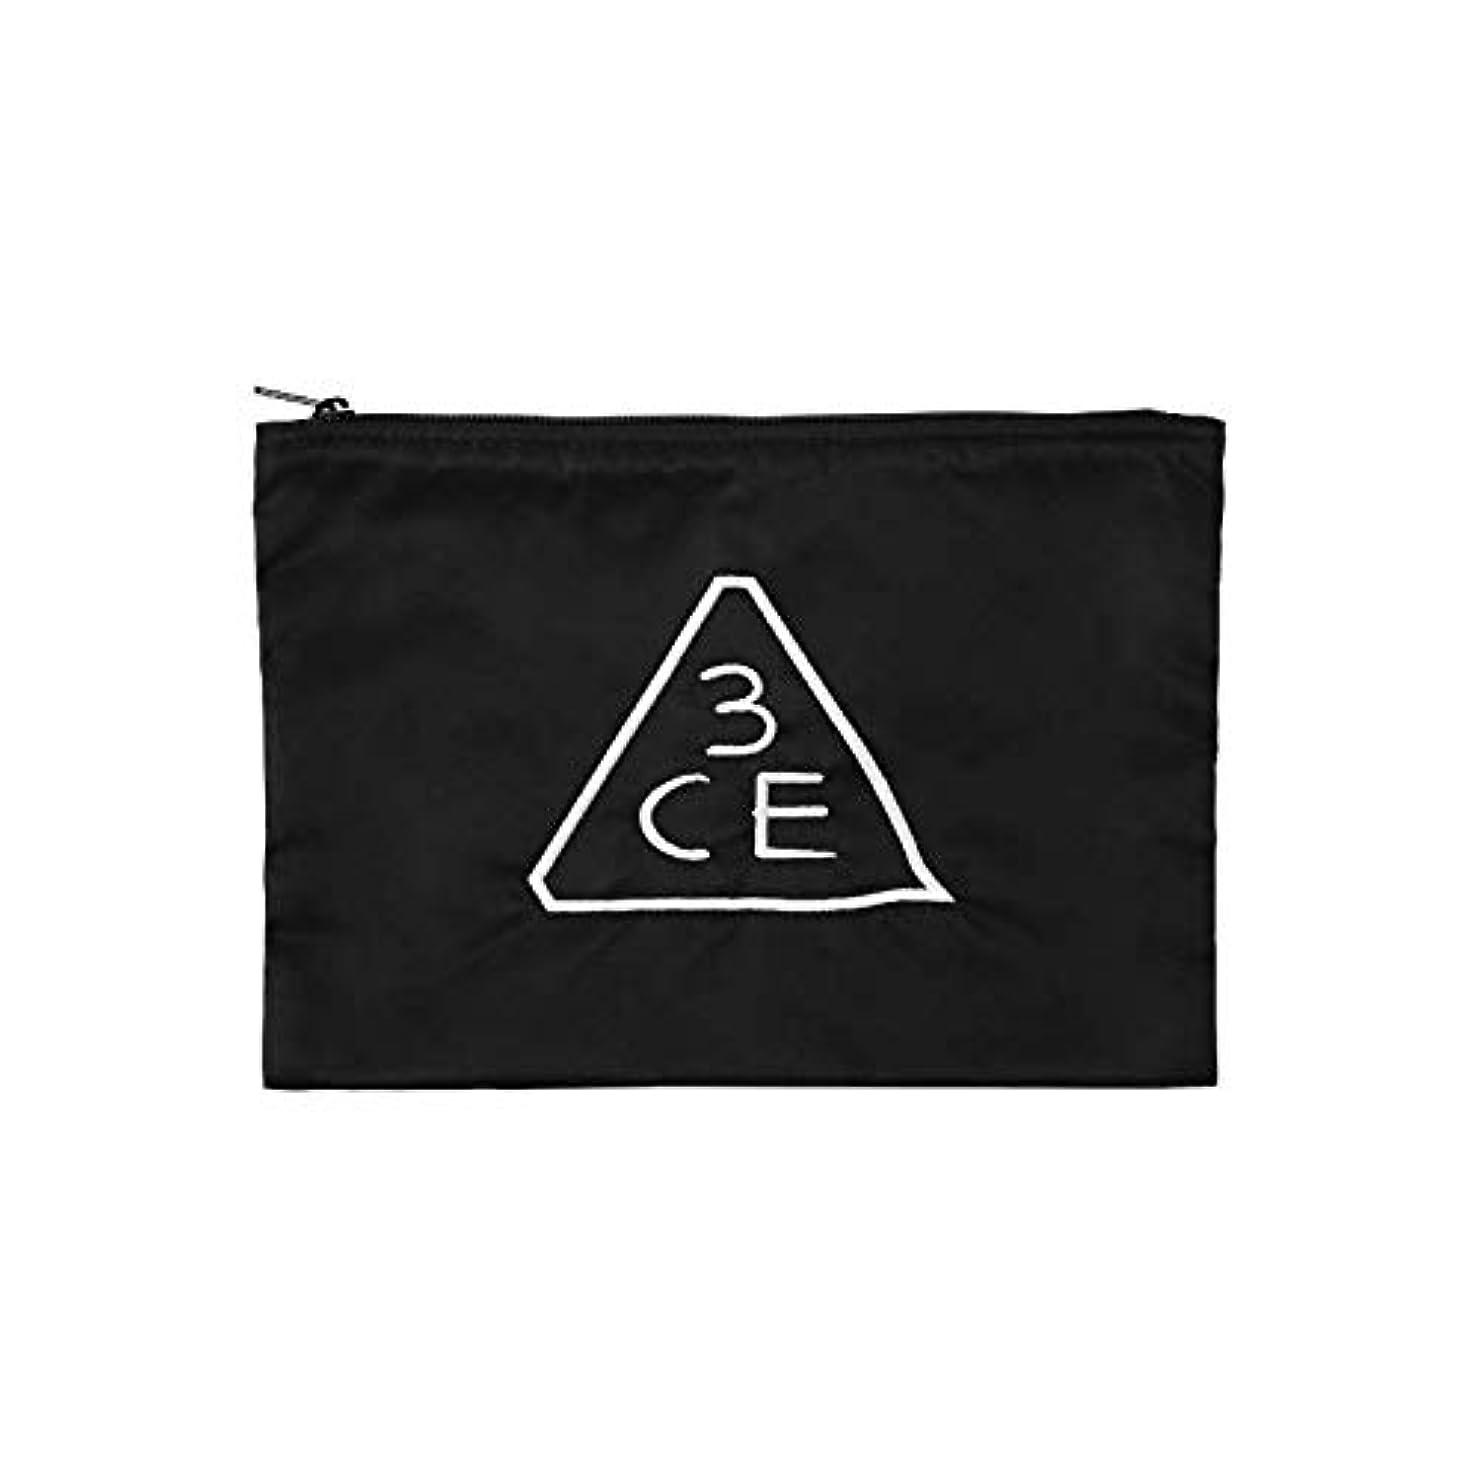 修理工ナイトスポット影響する3CE フラットポーチ FLAT POUCH MEDIUM #BLACK [並行輸入品]